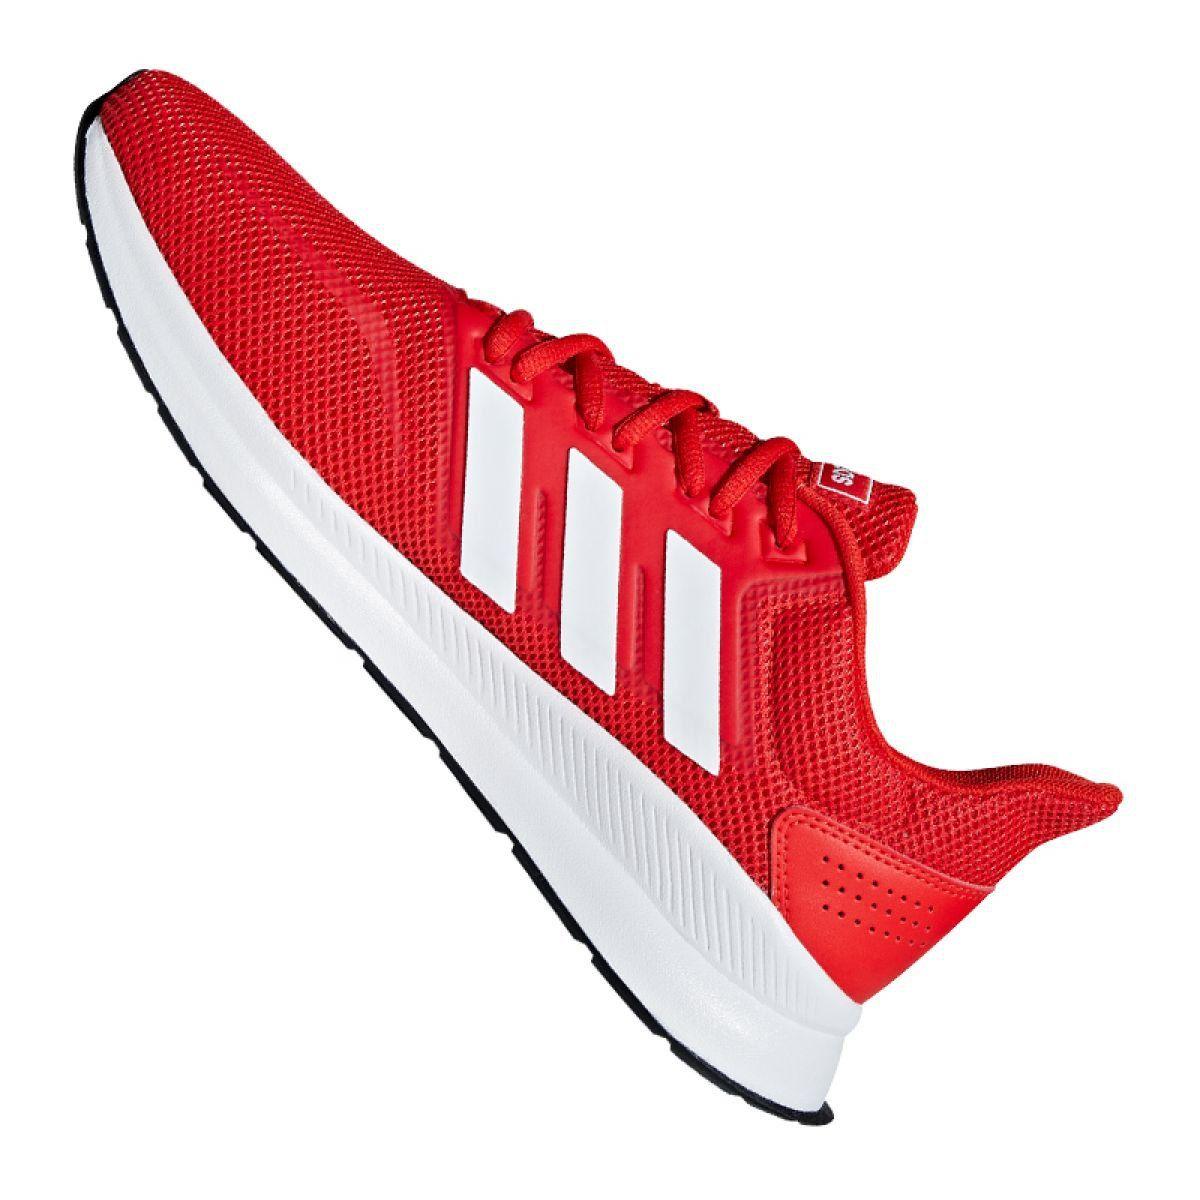 Buty treningowe adidas Runfalcon M F36202 czerwone | Adidas